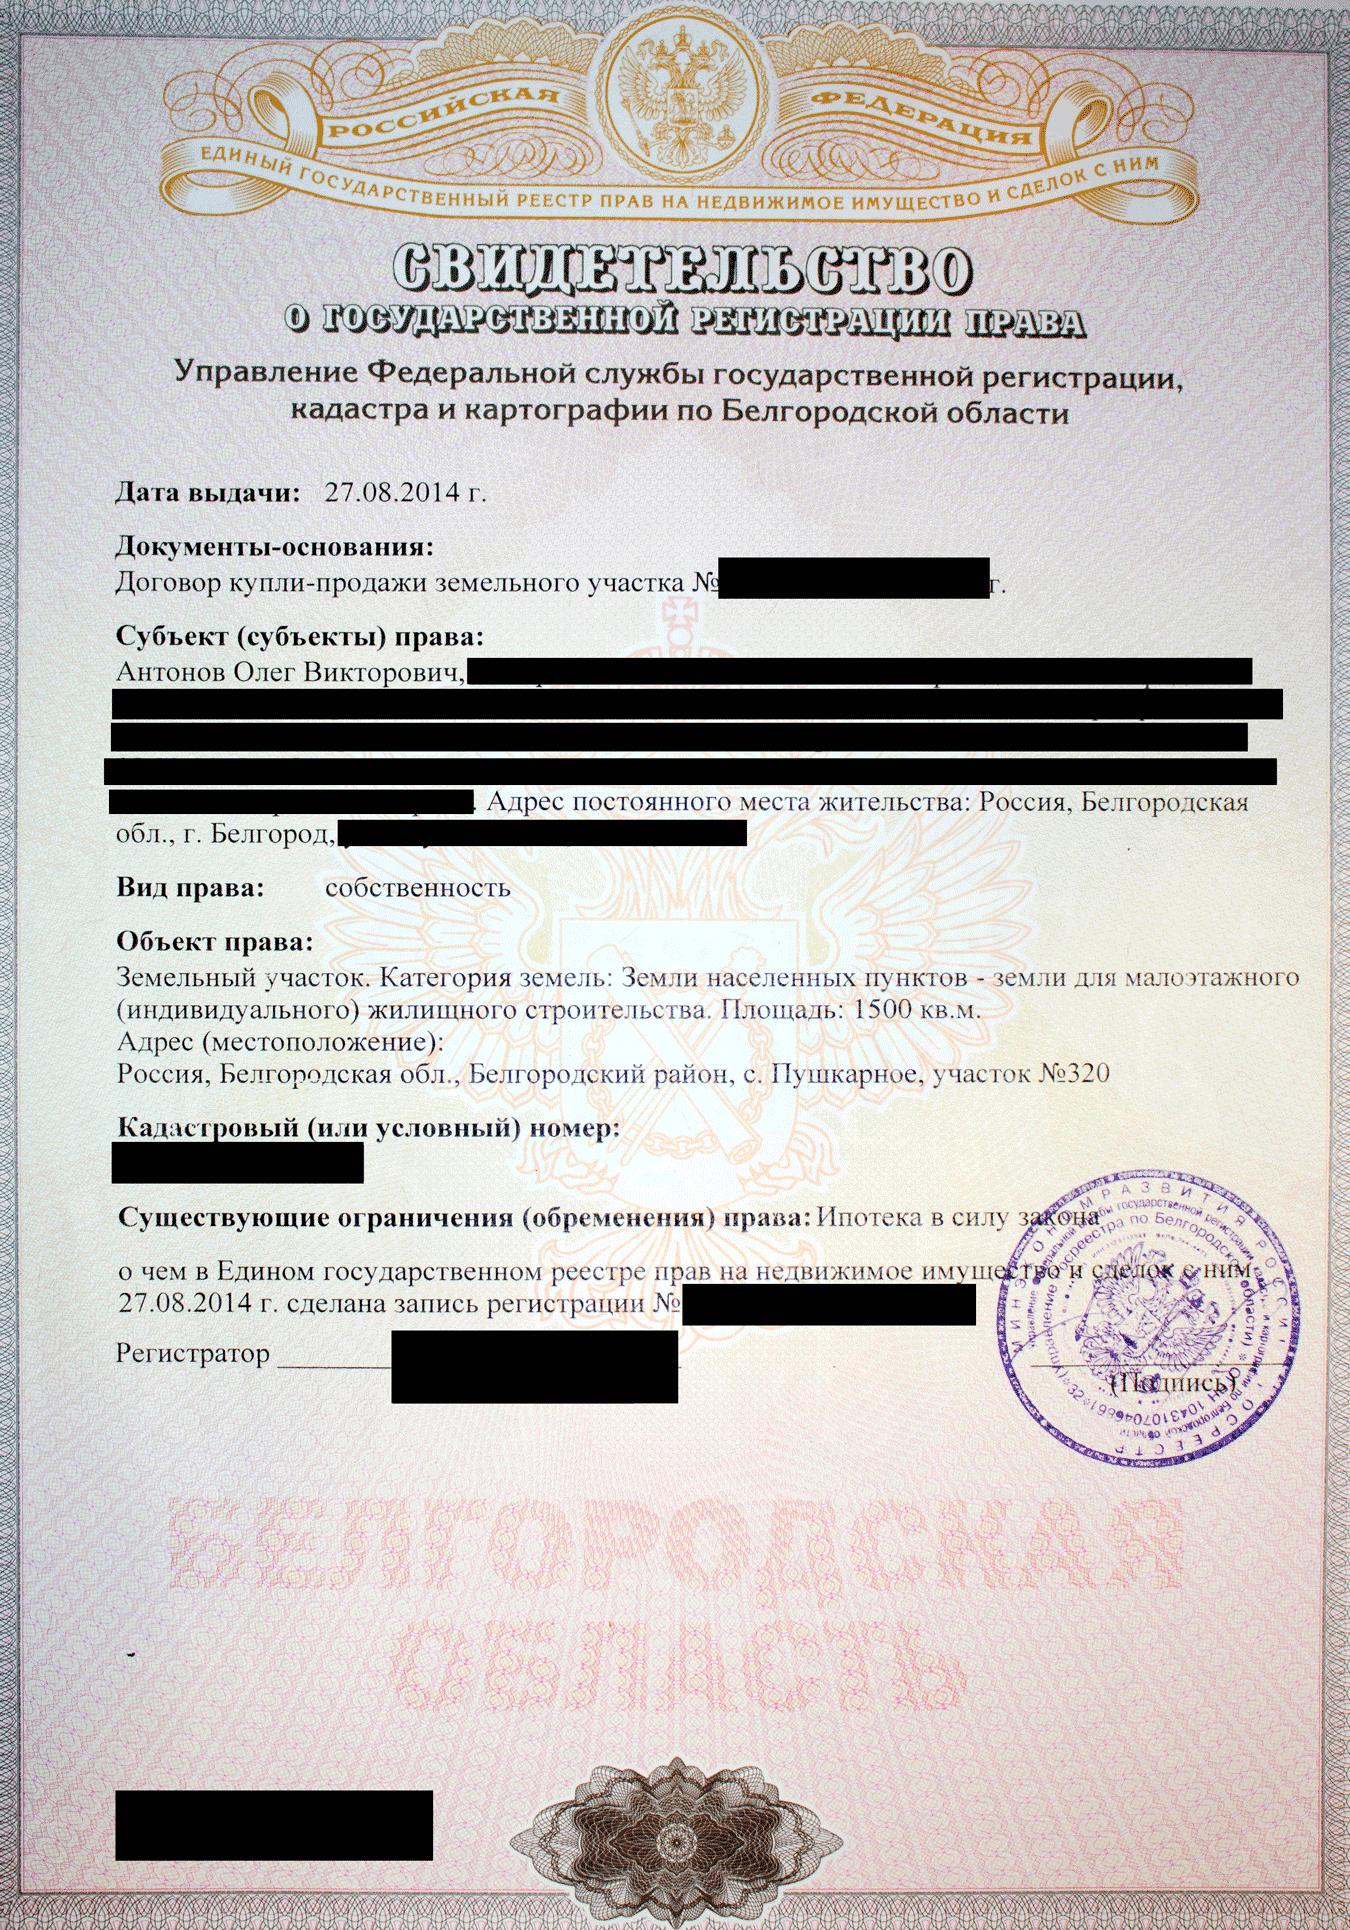 Категория земель указана в свидетельстве о регистрации права